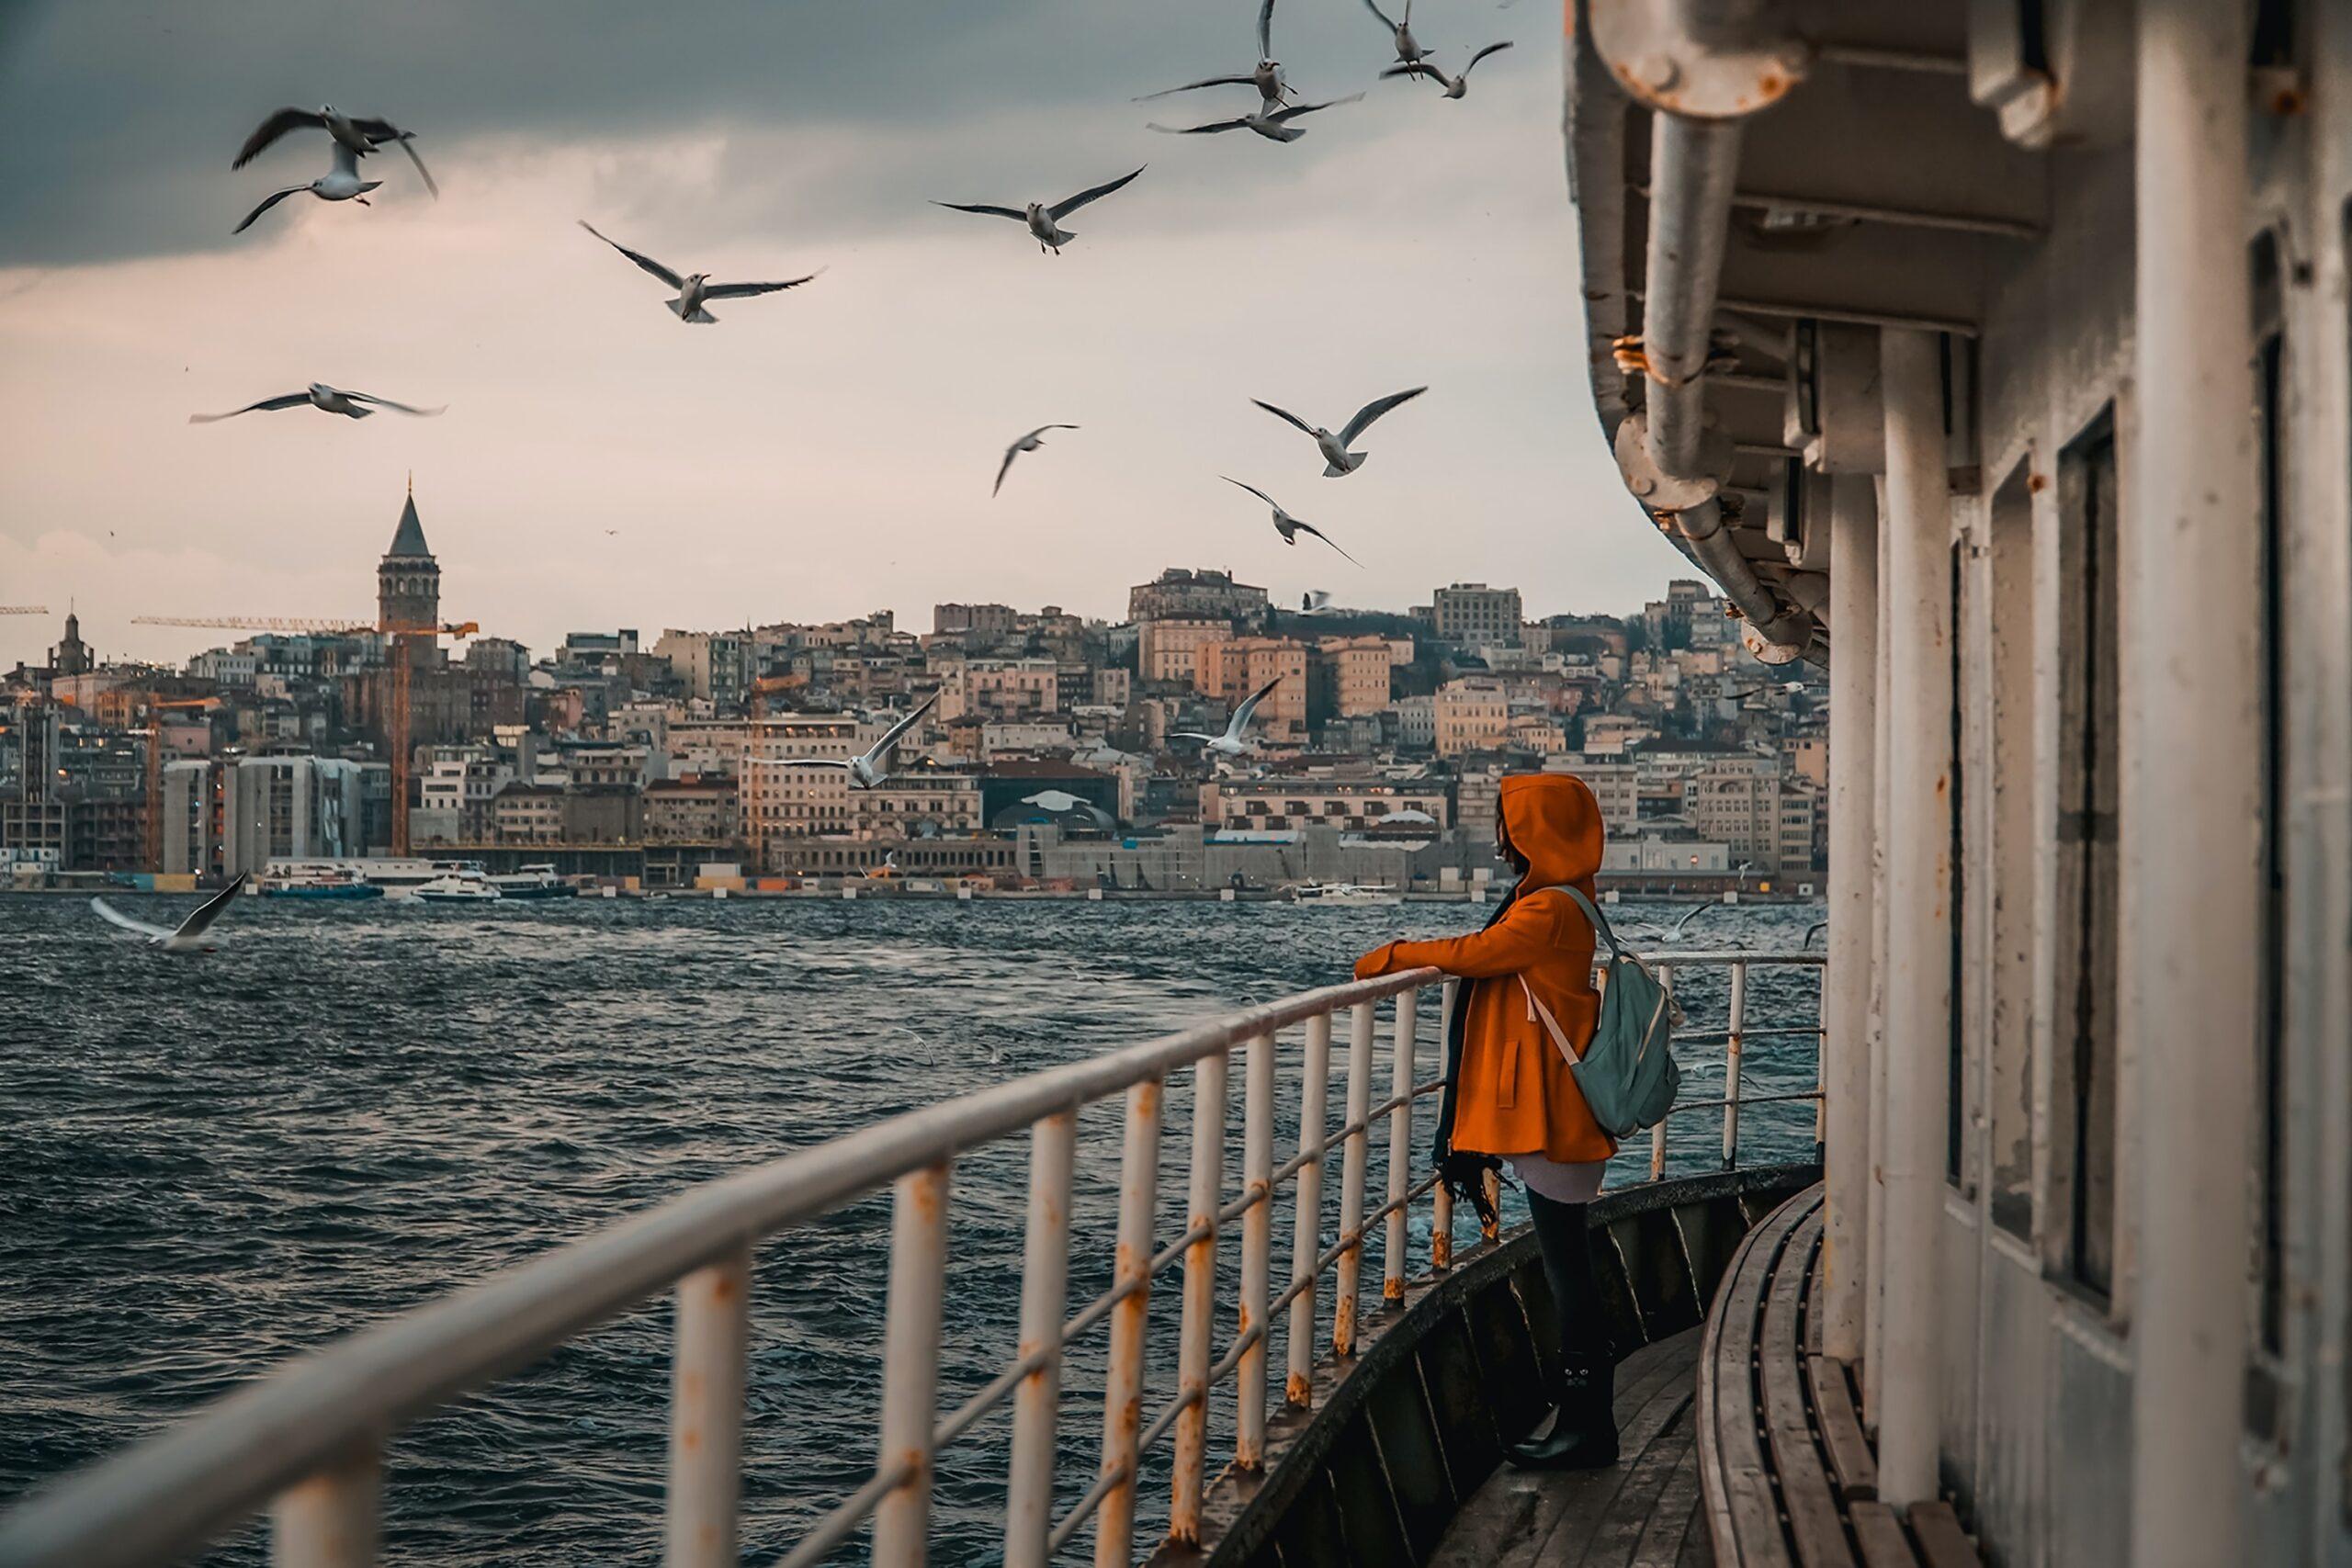 tur v turciju stambul 11 699 rub chel 10 scaled - Тур в Турцию Стамбул 11 699 руб. чел.